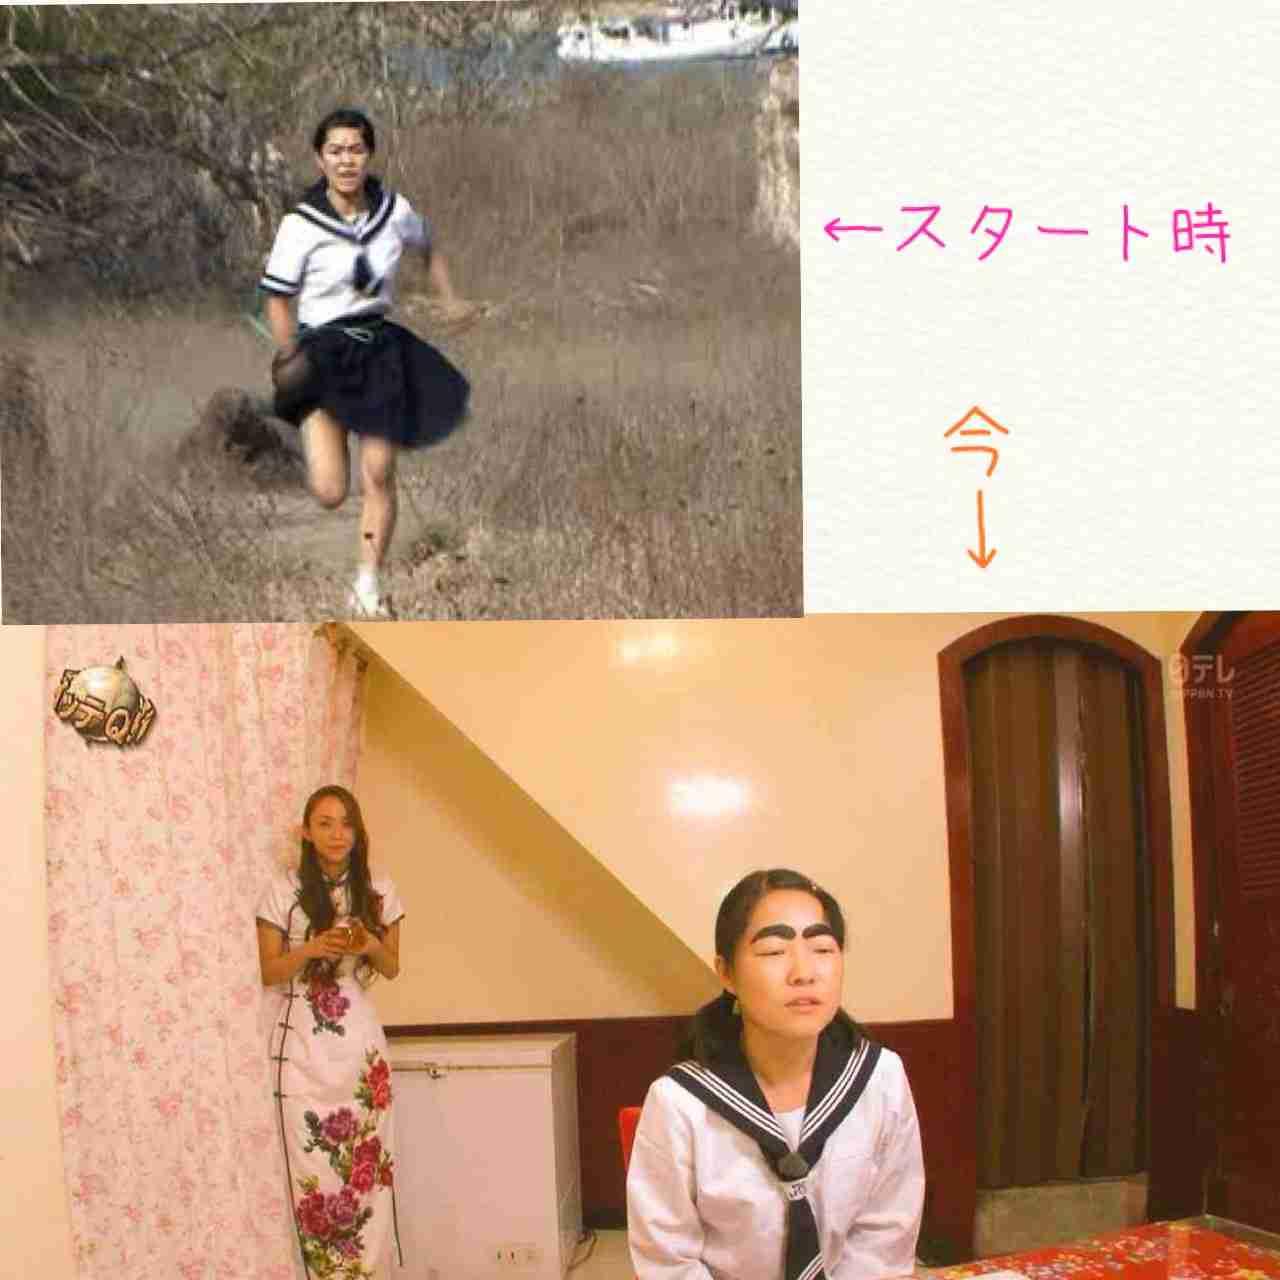 安室奈美恵「イッテQ」登場決定 29日放送!イモトアヤコが2ショット狙うも…番組史上最大のサプライズ